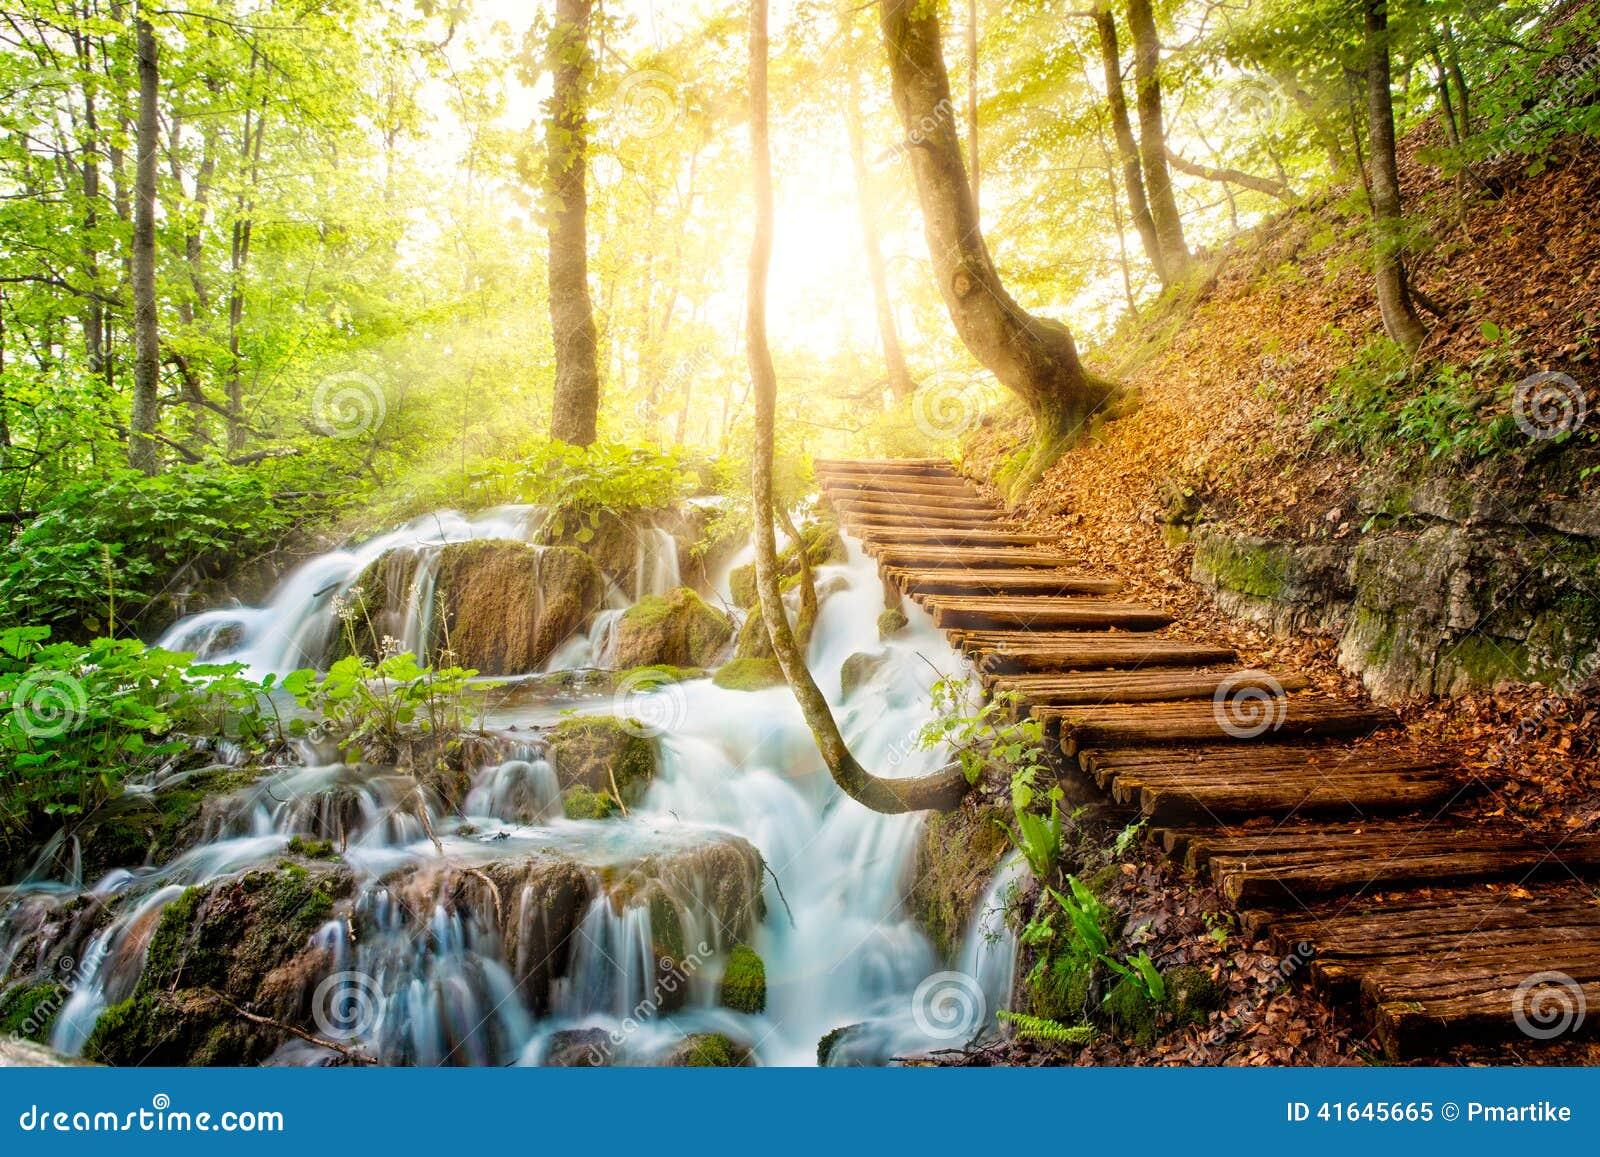 Córrego profundo da floresta com água claro na luz do sol